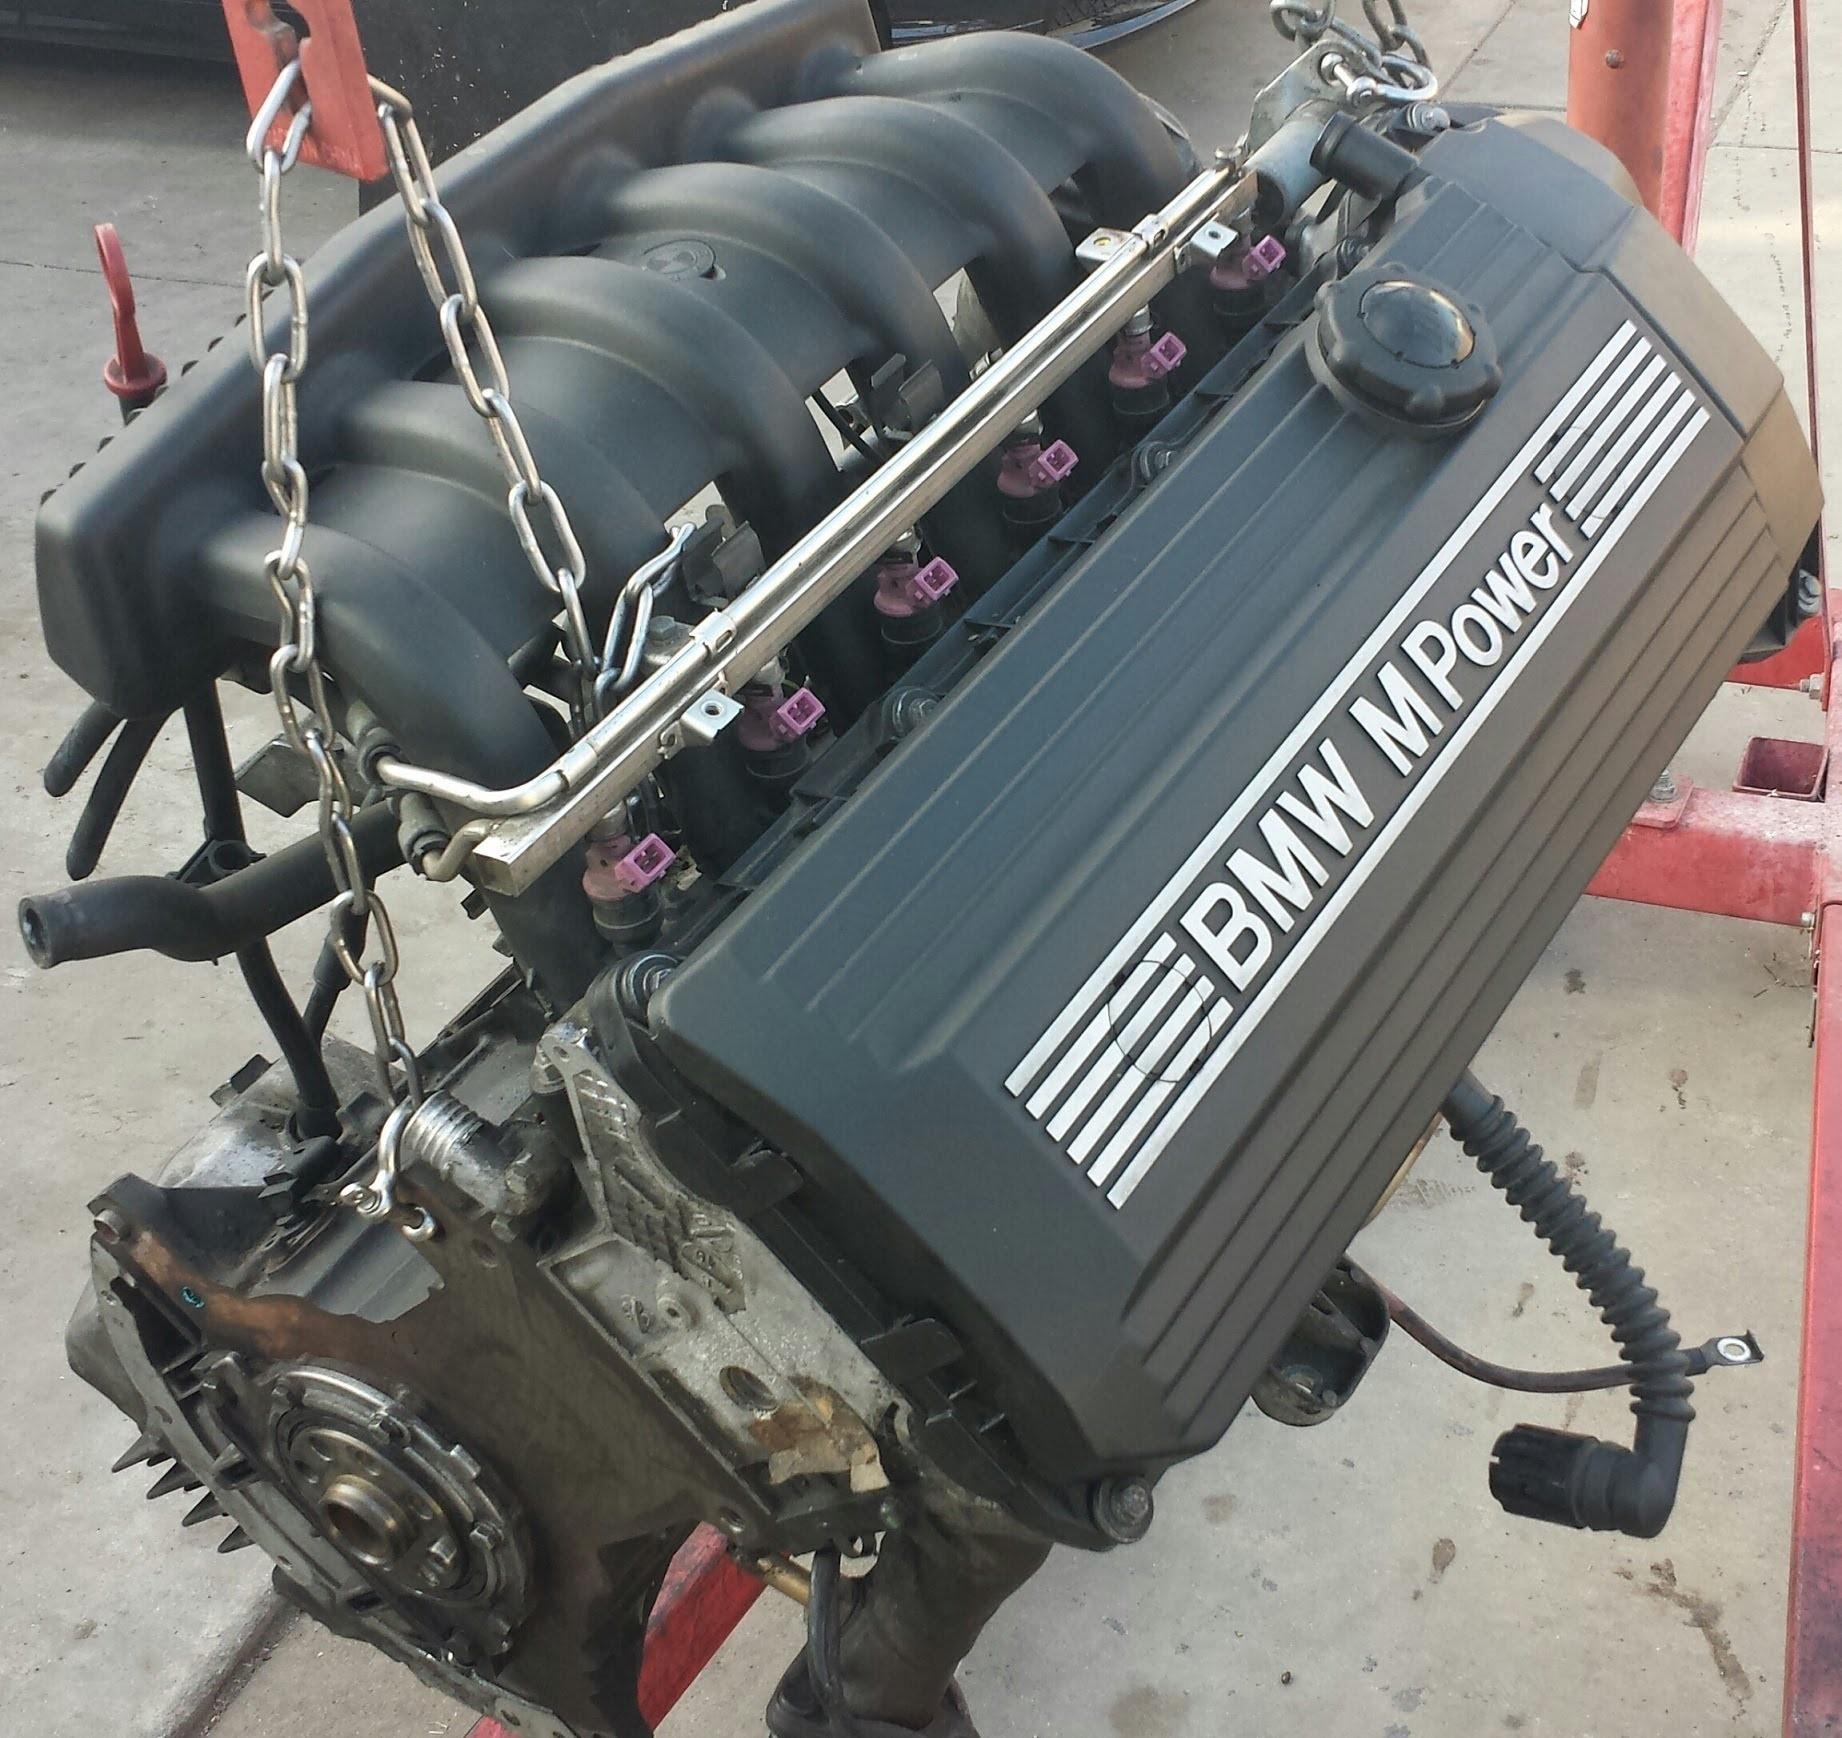 1994 Bmw 325i Engine Diagram Bmw E36 M3 Engine Maintenance Diagram 325 328 S52 Motor Of 1994 Bmw 325i Engine Diagram